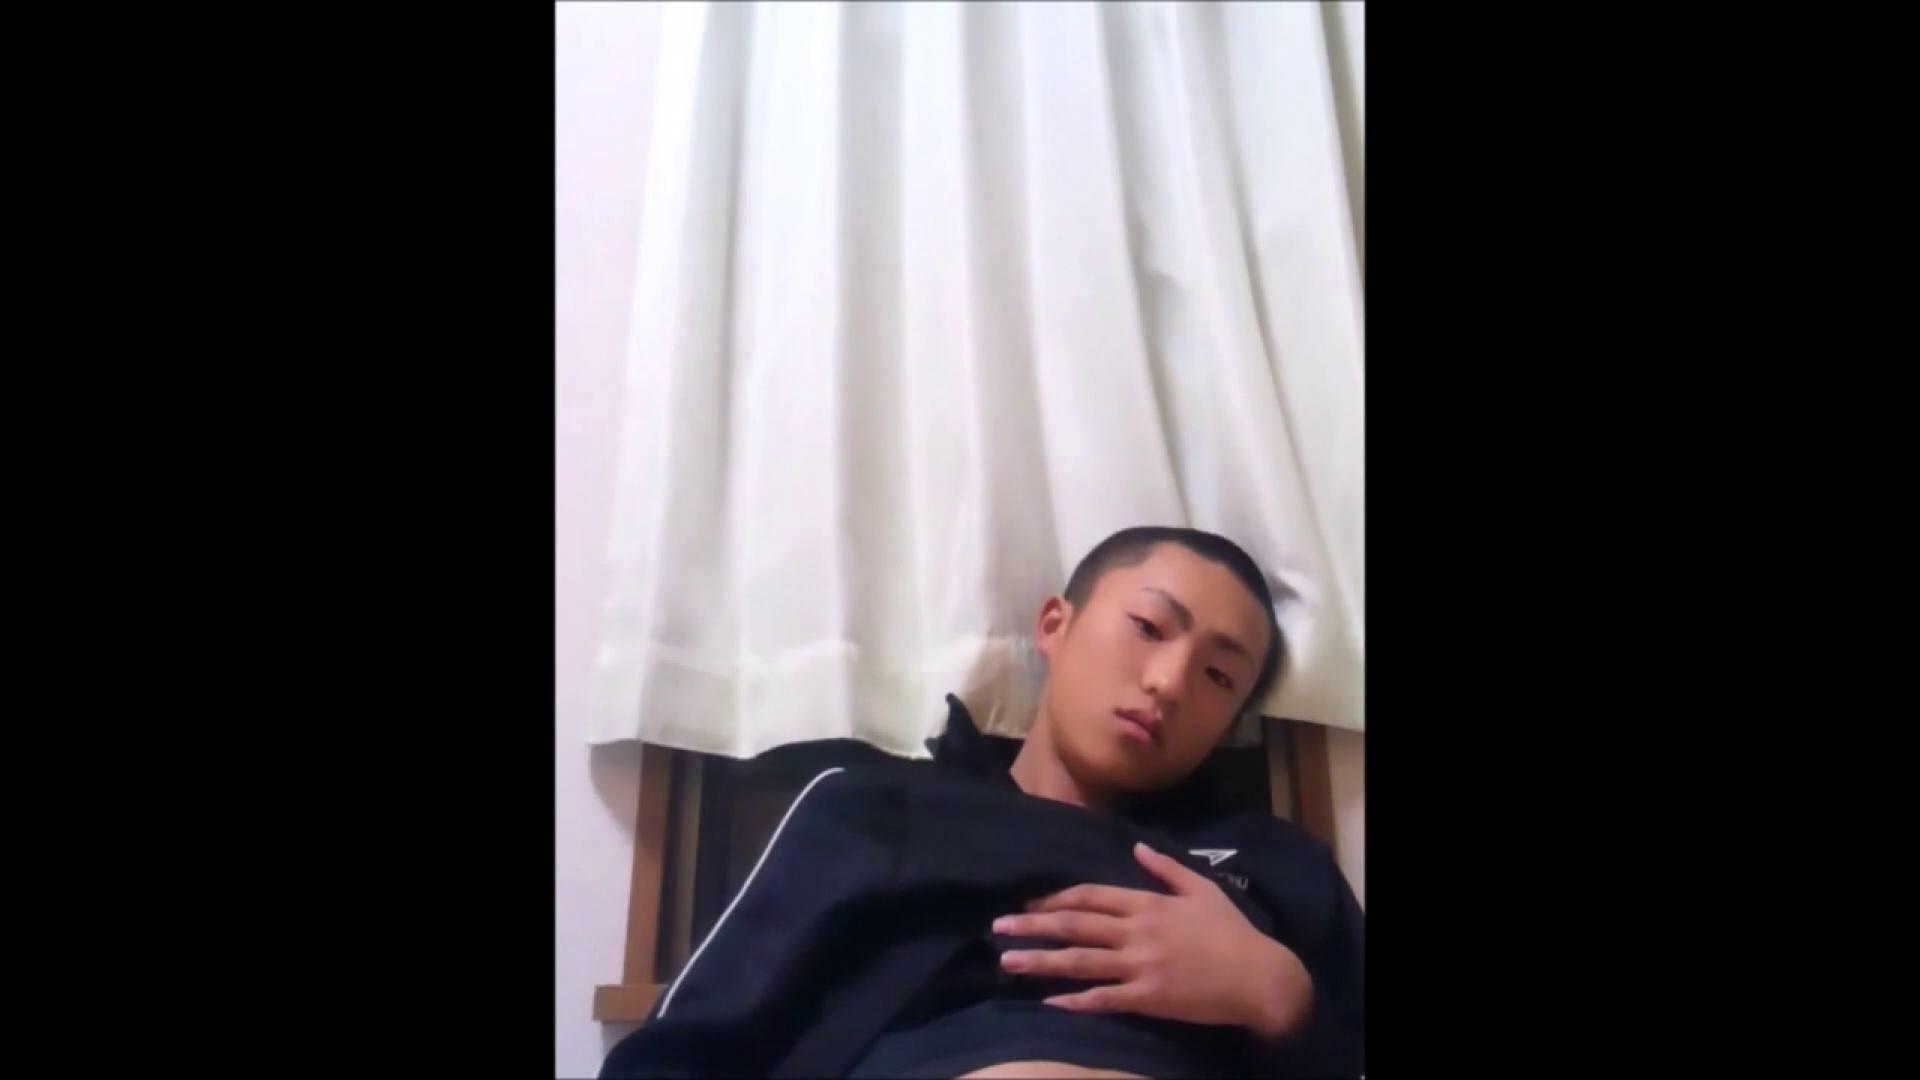 大人の男を夢見るBOYS Vol.45 オナニー | 手コキ アダルトビデオ画像キャプチャ 67pic 21